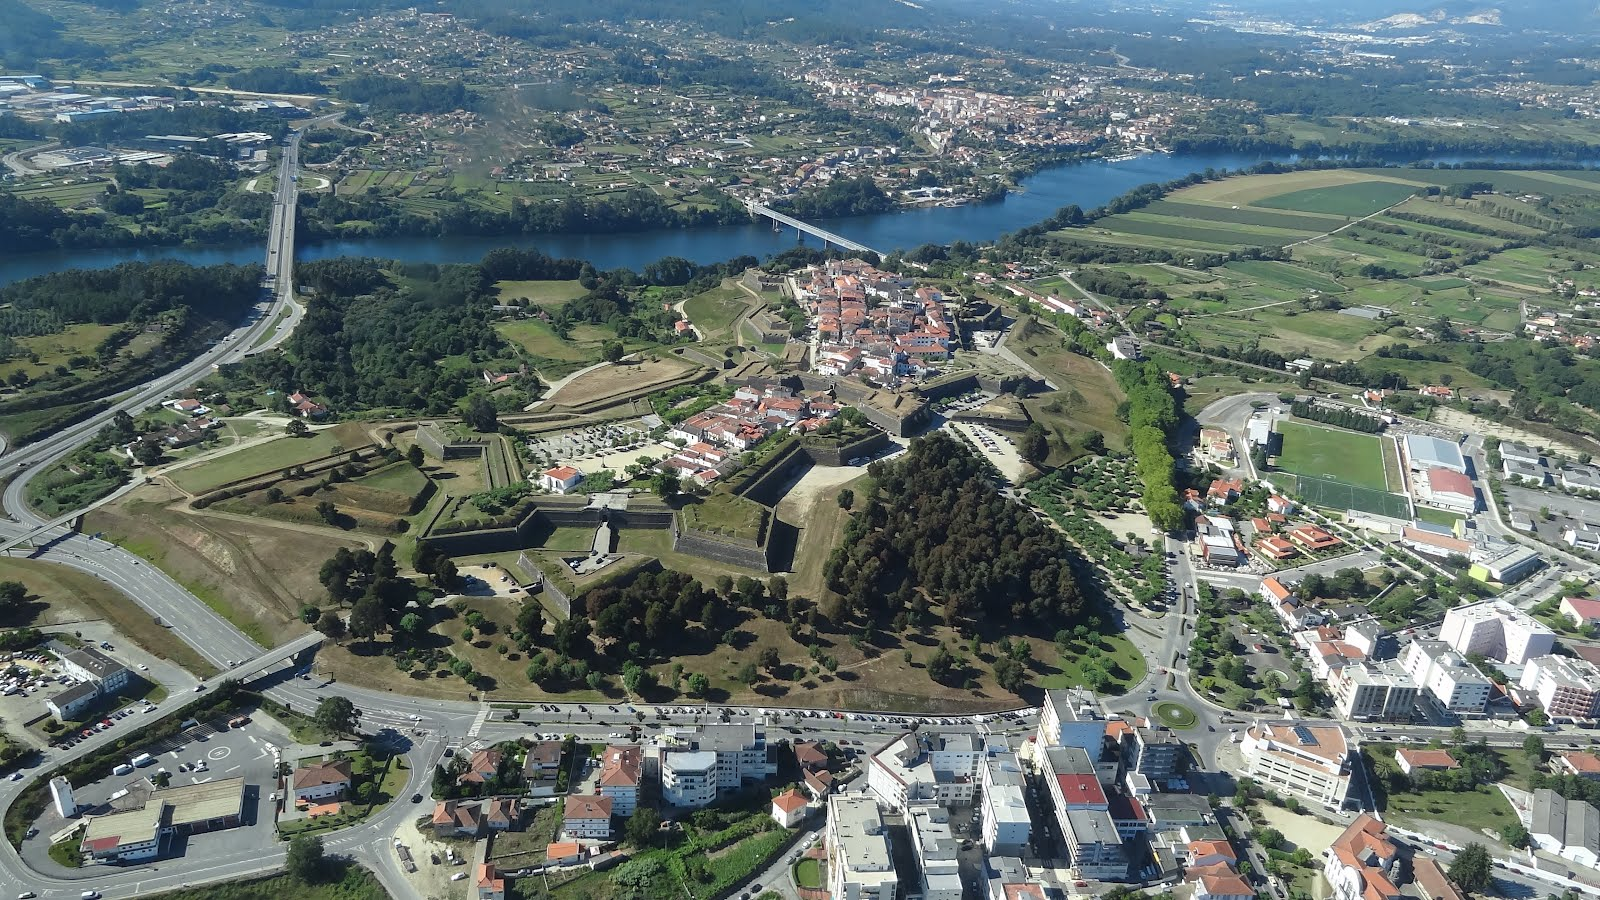 Valenca Portugal  City pictures : Minho: Mulher sobrevive após queda de um 4º andar c/vídeo ...